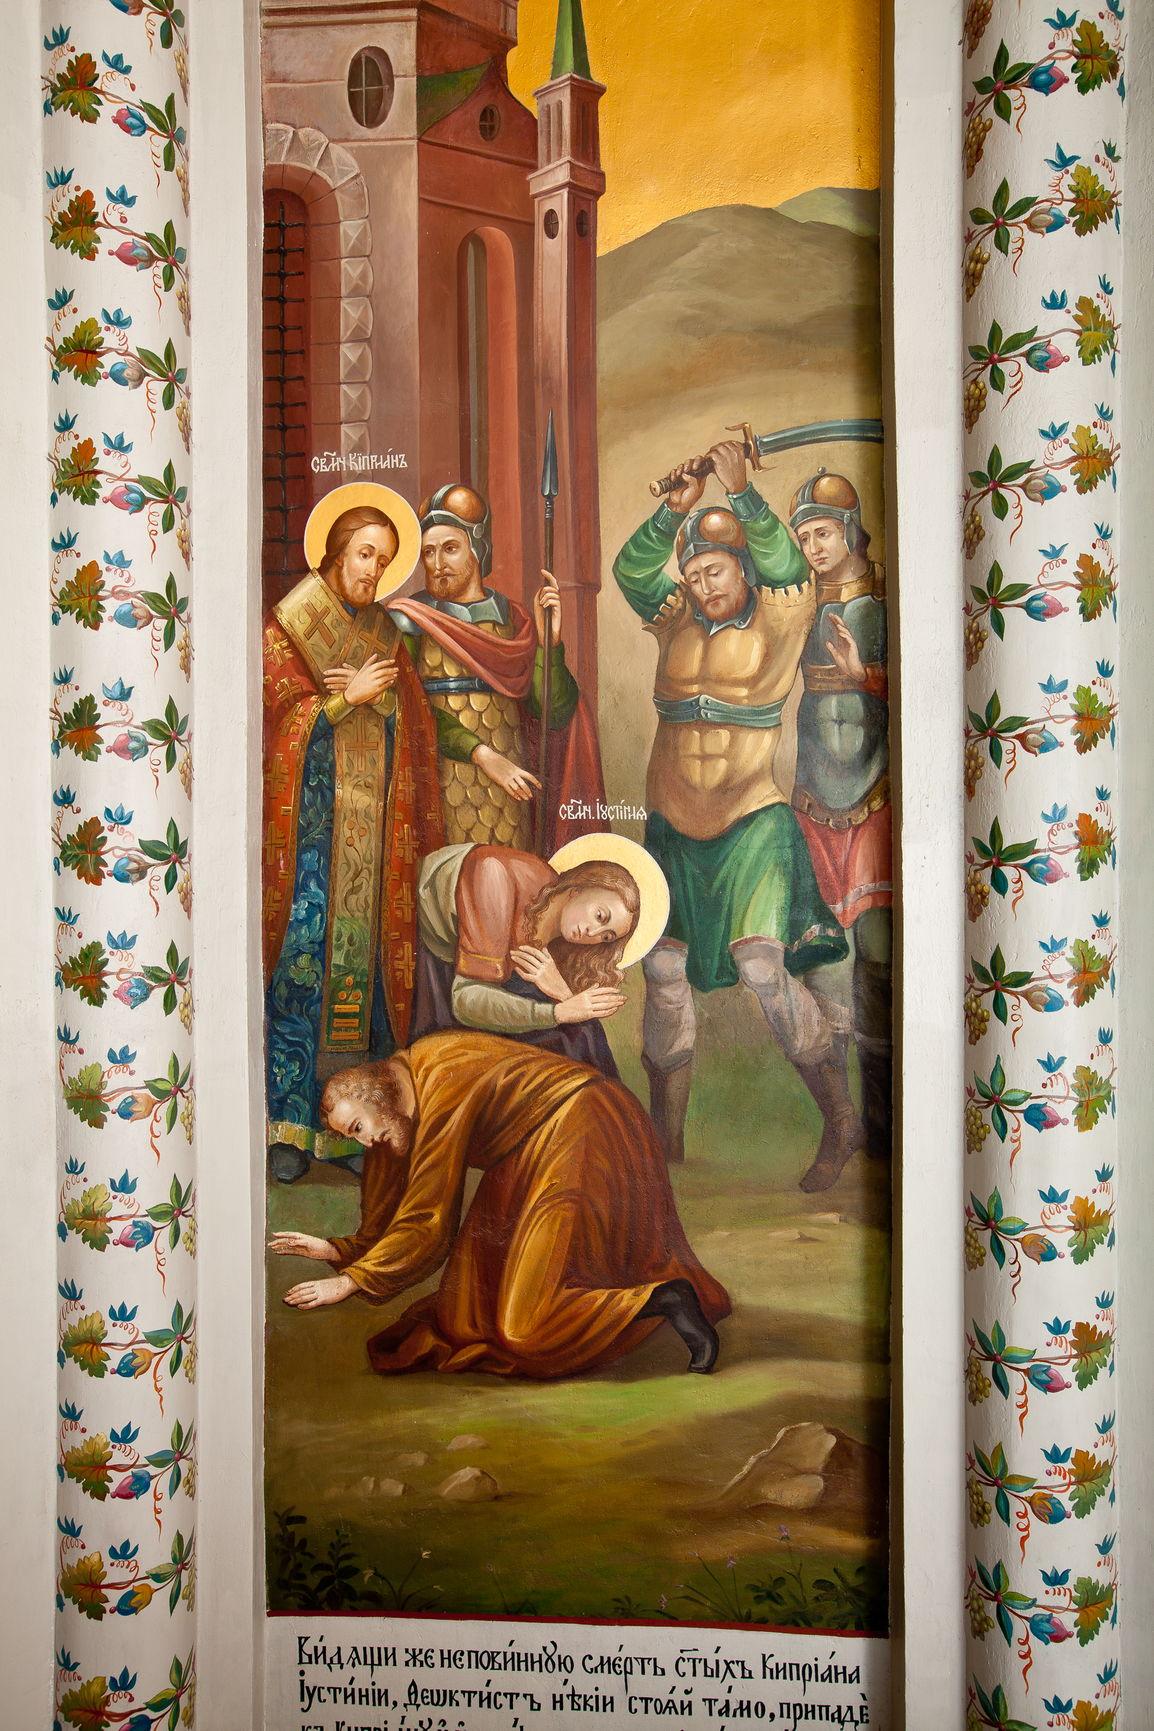 Фрагменты настенной росписи со сценами мучеников Киприана и Иустины